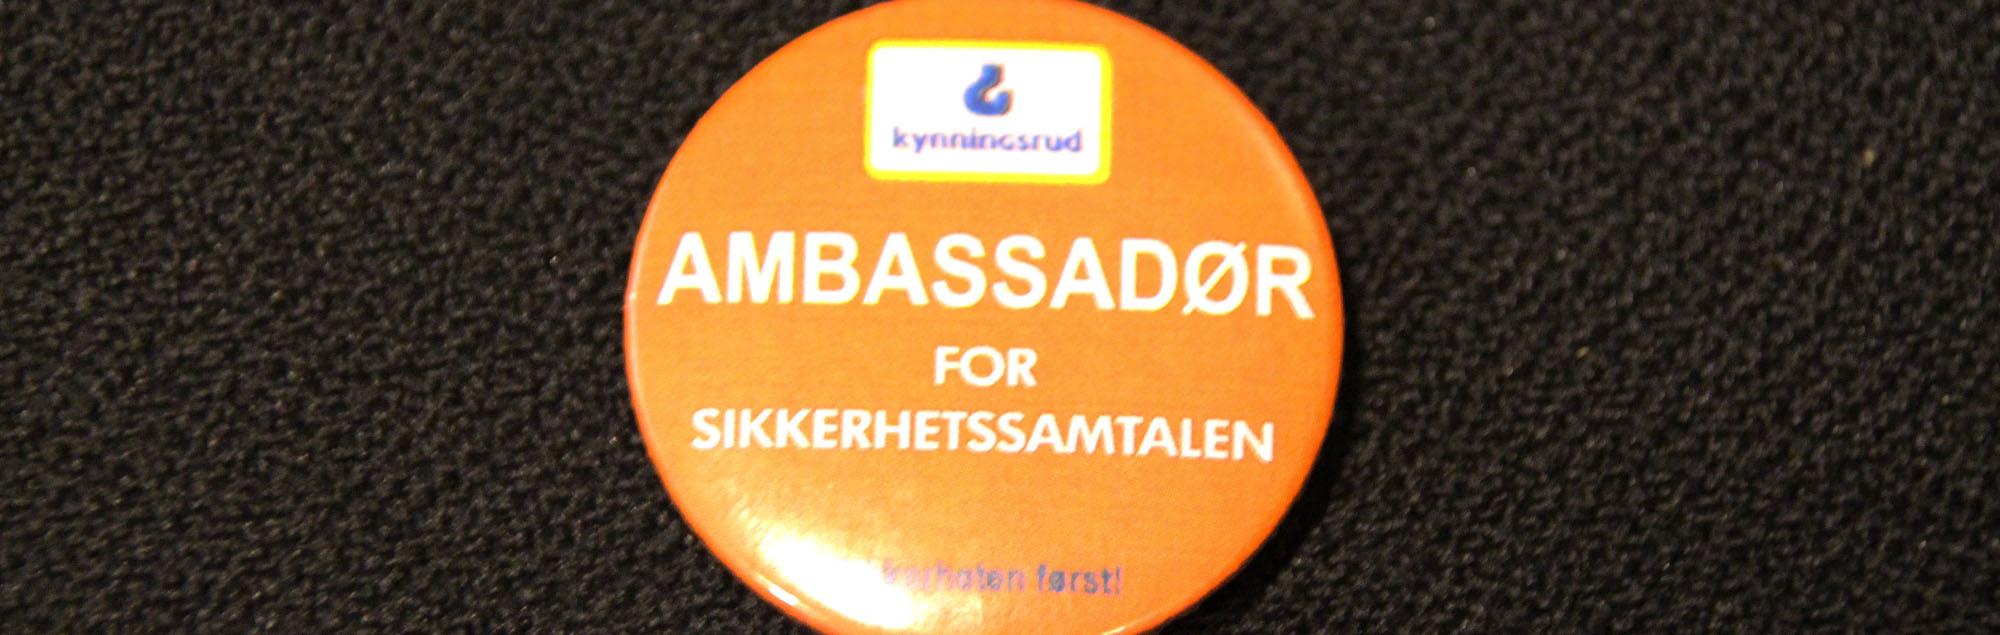 Ambassadörer för säkerheten